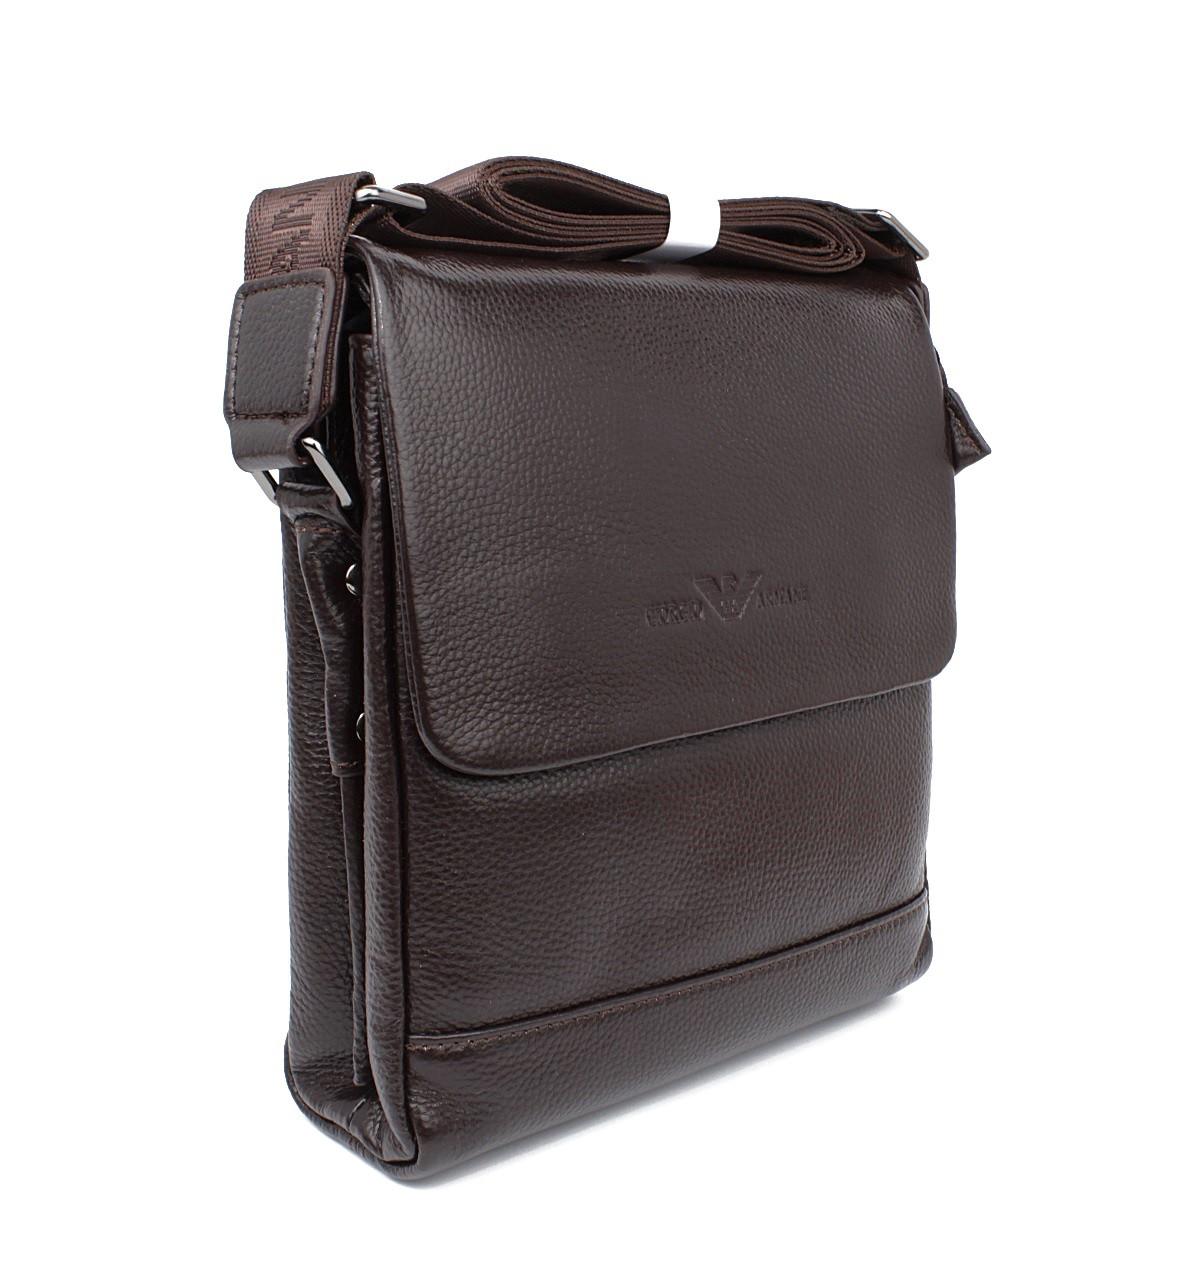 Сумка мужская малая кожаная планшет коричневая Giorgio Armani 7911-1